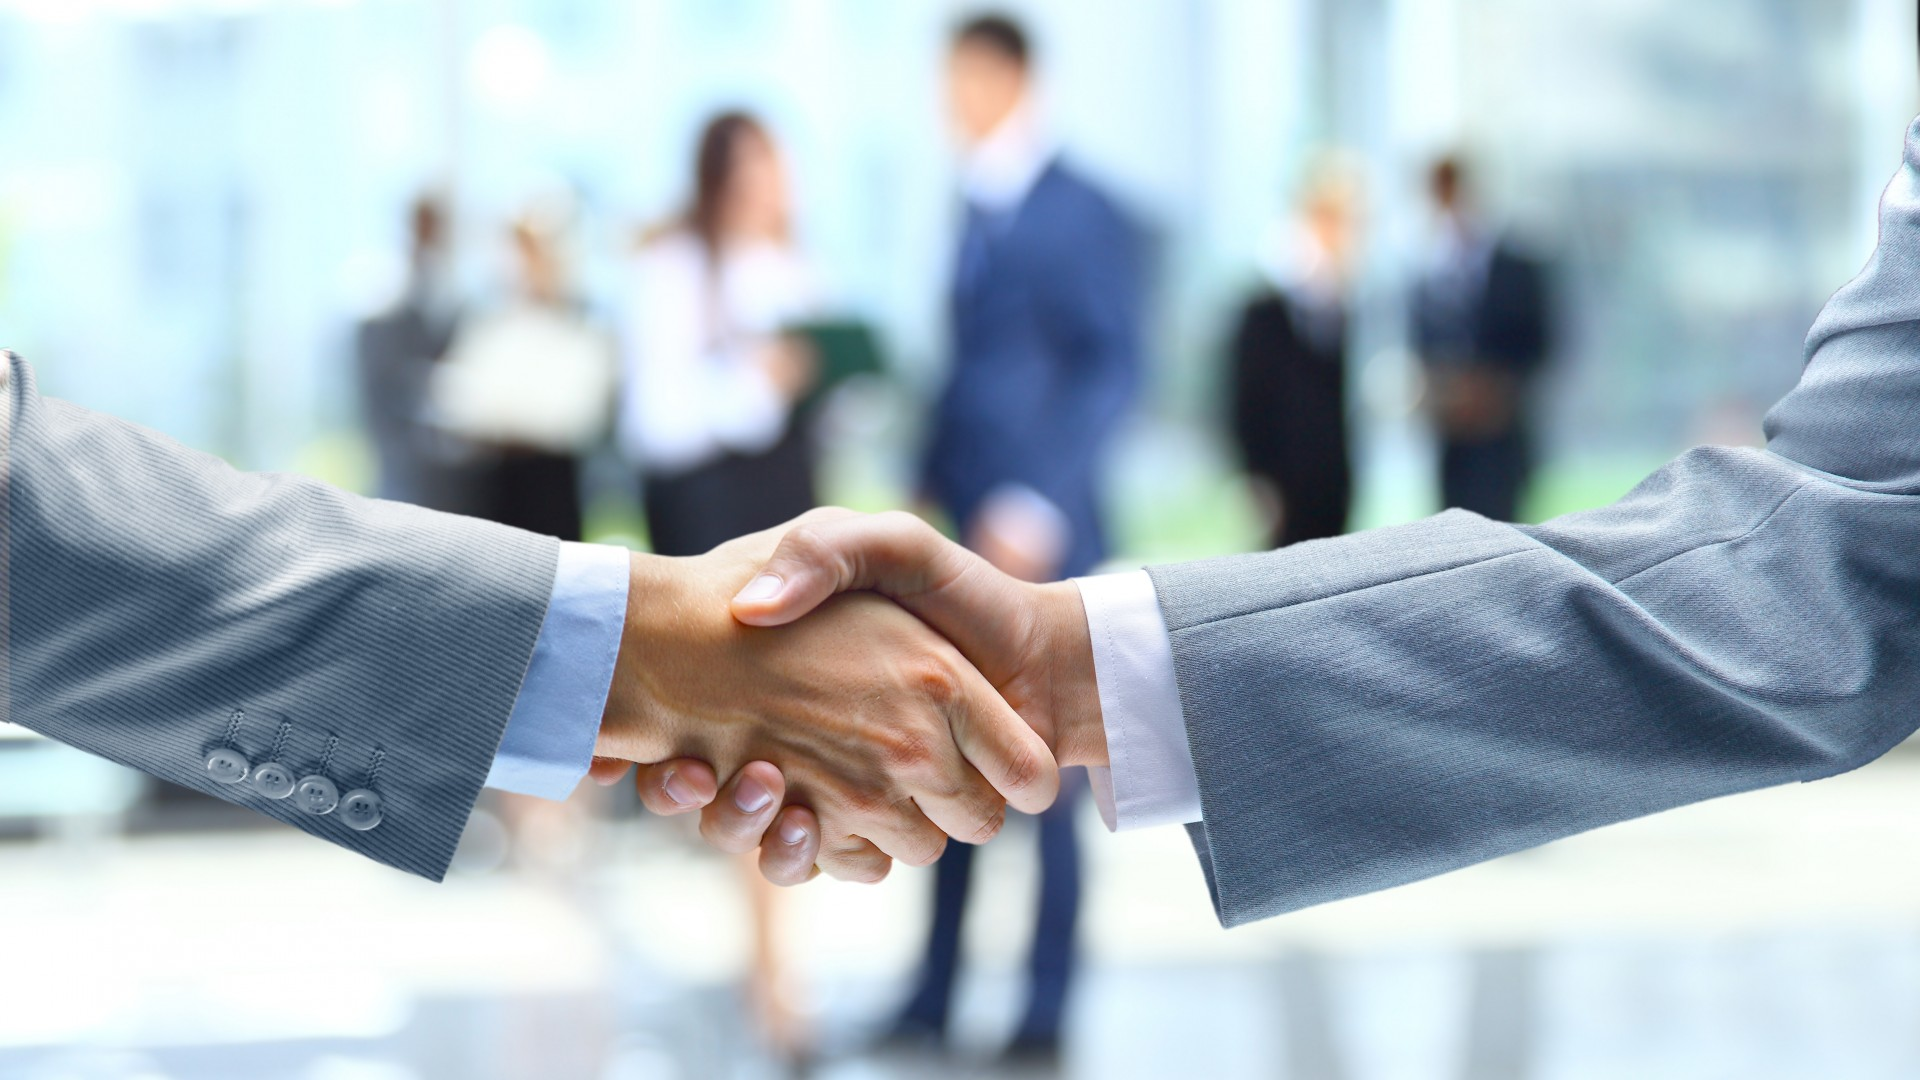 Молдова опустилась на 3 позиции в Рейтинге легкости ведения бизнеса